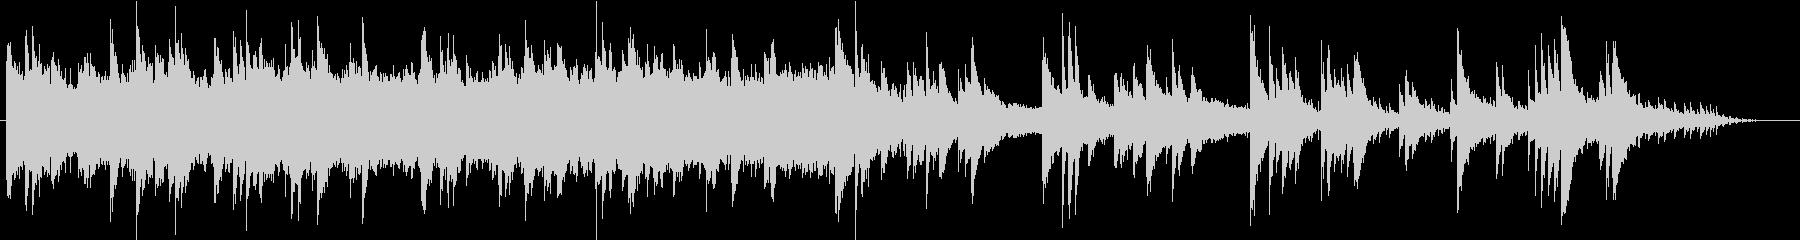 癒し効果抜群のヒーリング的ピアノ曲の未再生の波形